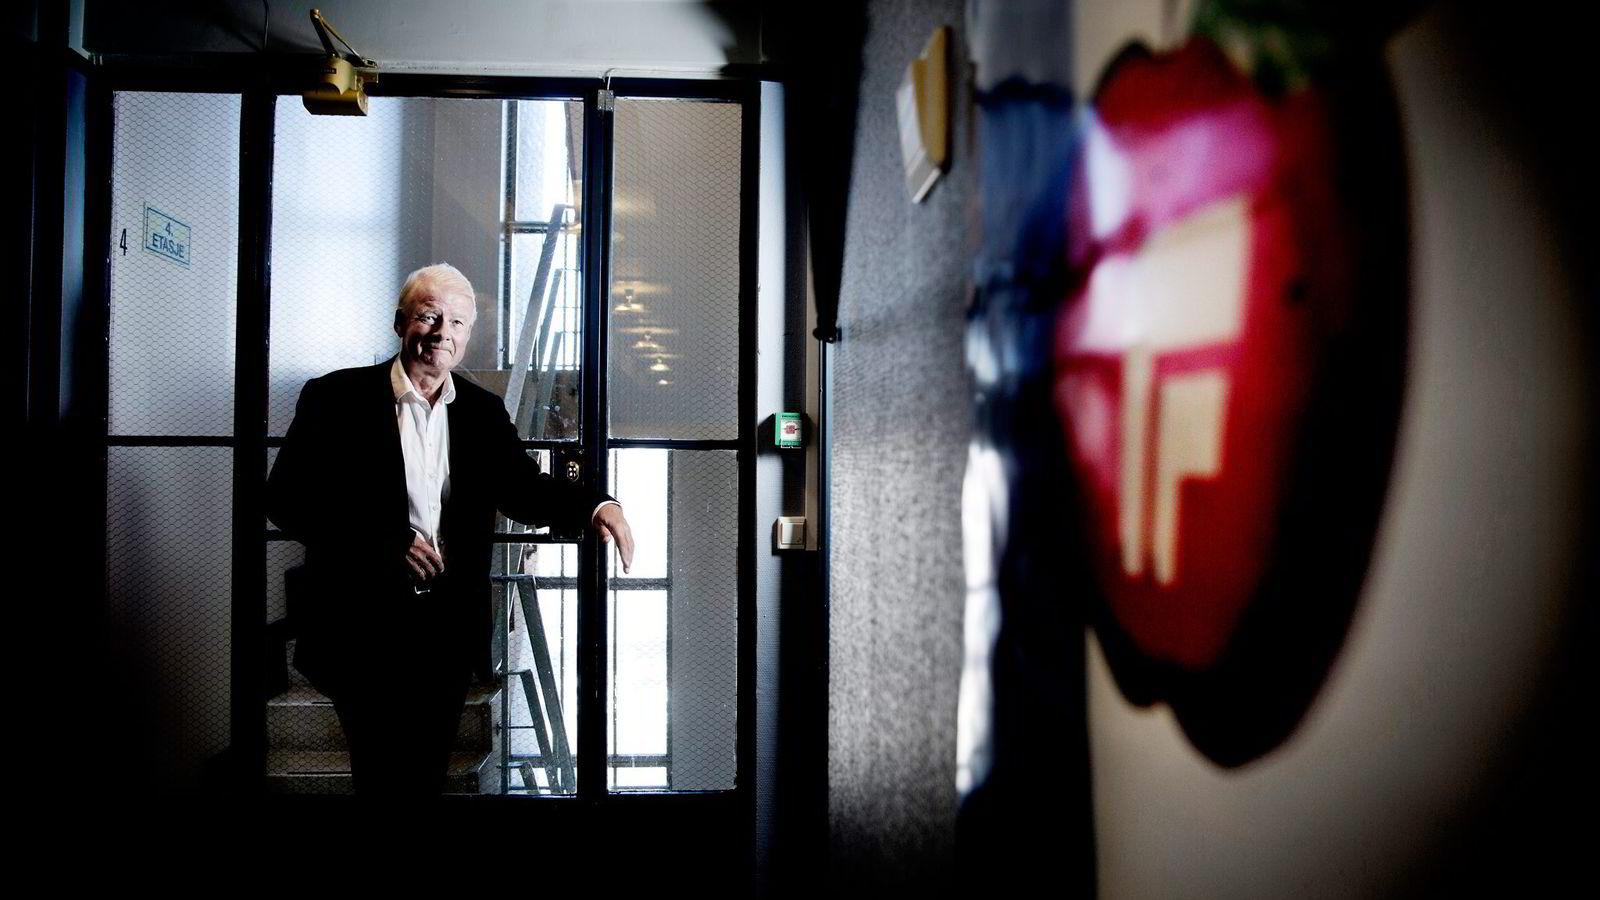 – Raymond Johansen utnytter det han angriper – nemlig den delte byen, sier Frps Carl I. Hagen om Aps forslag om eiendomsskatt i Oslo. Foto: Linda Næsfeldt